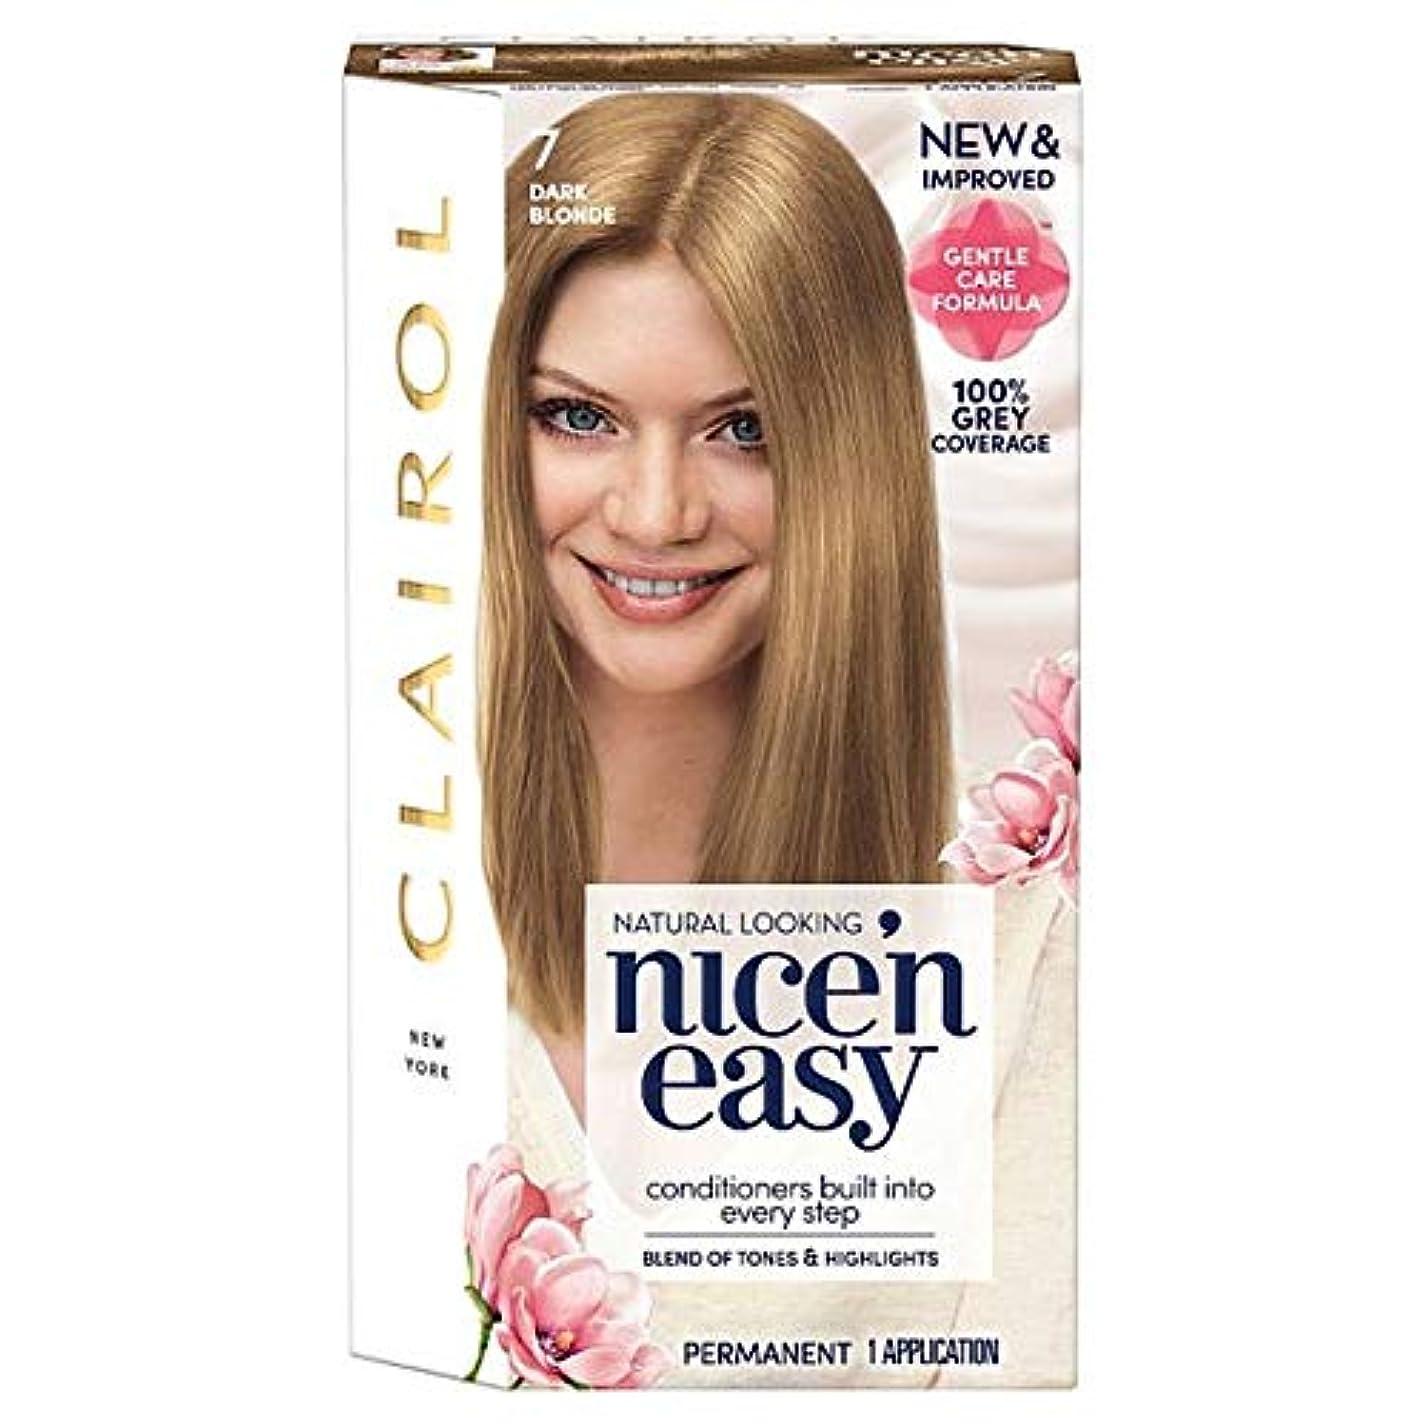 条約アレキサンダーグラハムベルレール[Nice'n Easy] クレイロール素敵な「N簡単ダークブロンド7ヘアダイ - Clairol Nice 'N Easy Dark Blonde 7 Hair Dye [並行輸入品]